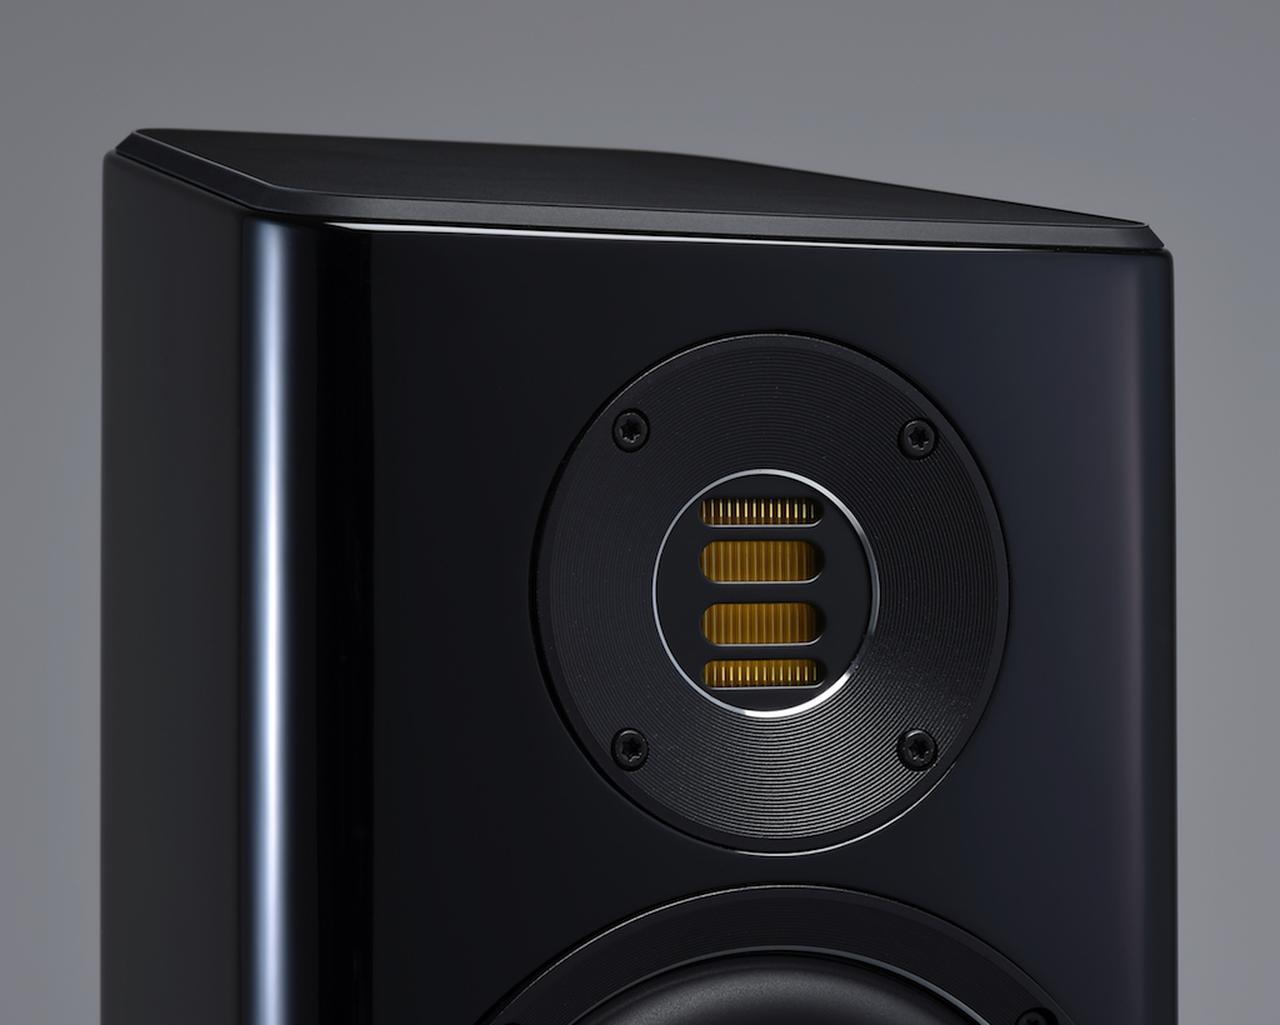 画像: 両モデルに搭載されるネオジウム磁気回路、カプトン製振動板を使った第5世代(V)JETトゥイーターは、前400シリーズと同一のもの。今回すり鉢のような新デザインウェーブガイドが組み合わされたことで、より理想的な放射特性が得られているという。クロスオーバー周波数は前400シリーズの2.5kHzから2.4kHzと下げられている